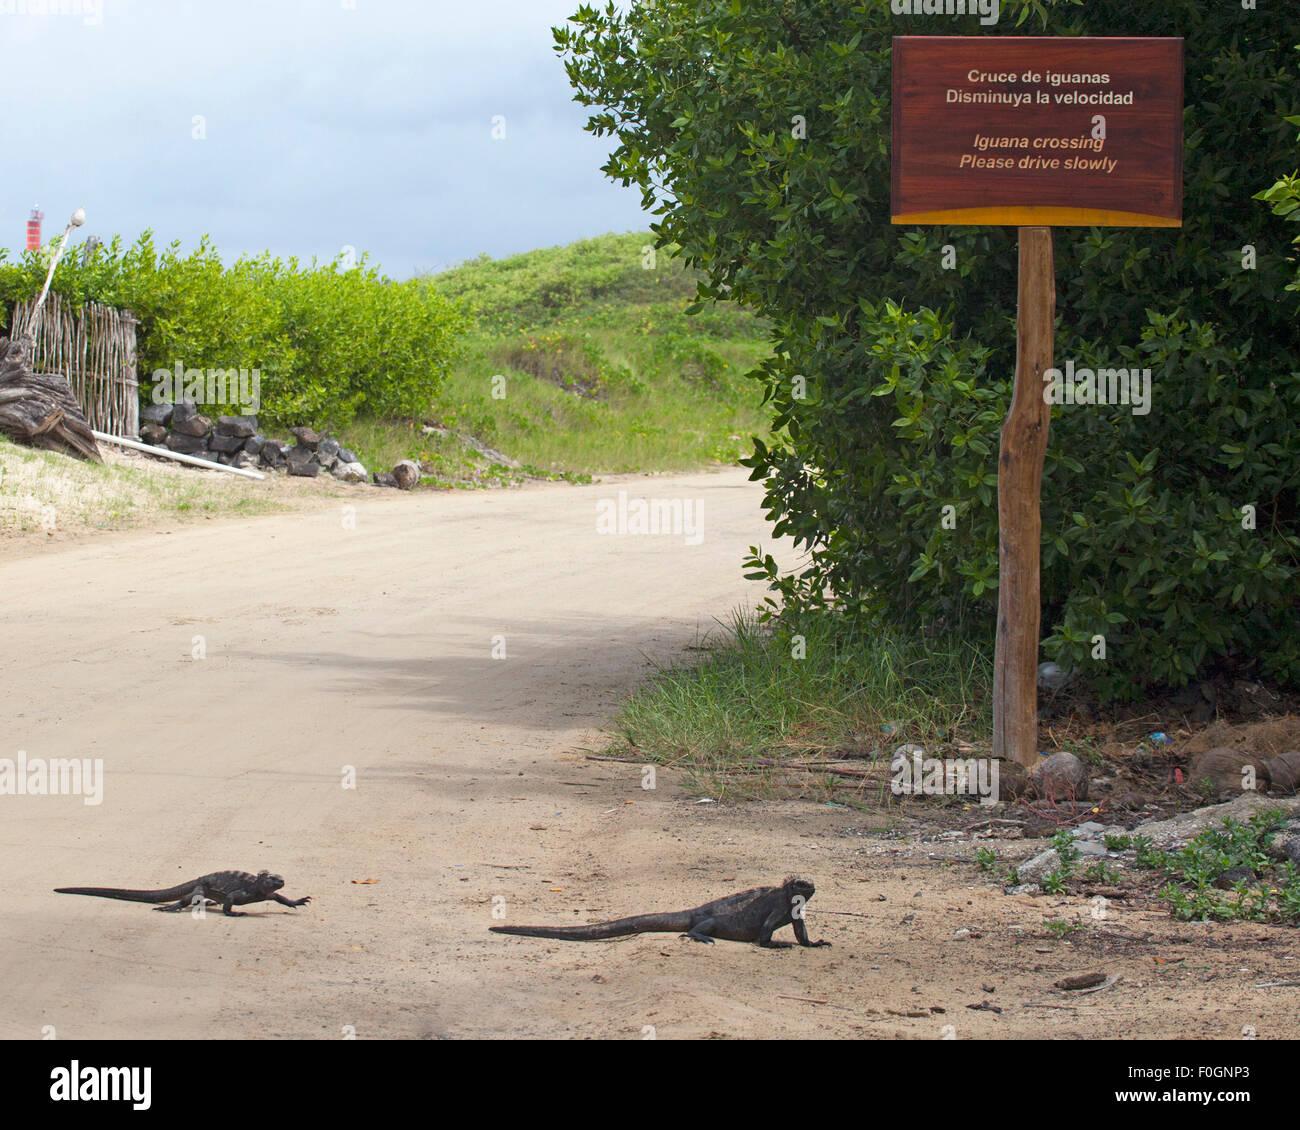 Meerechsen (Amblyrhynchus Cristatus) zu Fuß über die Straße in der Nähe von Leguan Kreuzung Stockbild